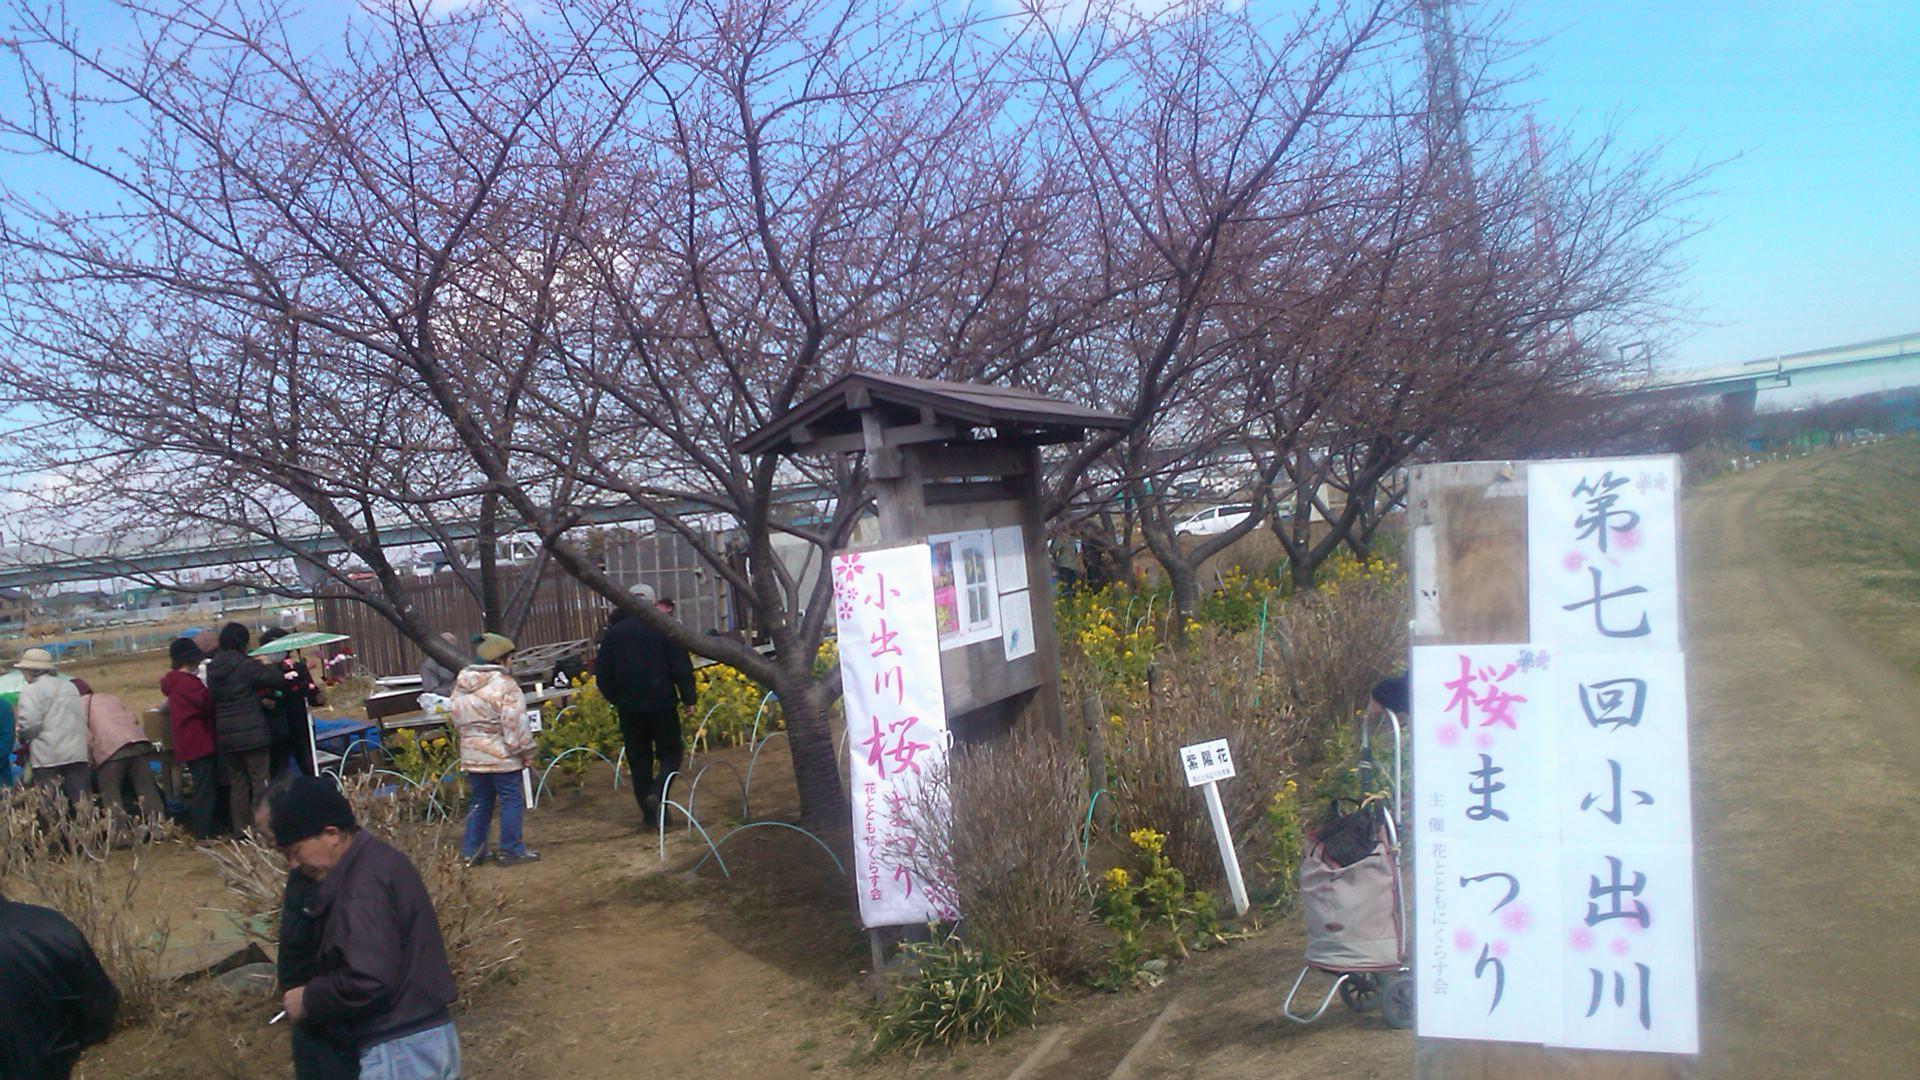 桜まつりですが.....寒さで開花しません。_b0137932_13484557.jpg